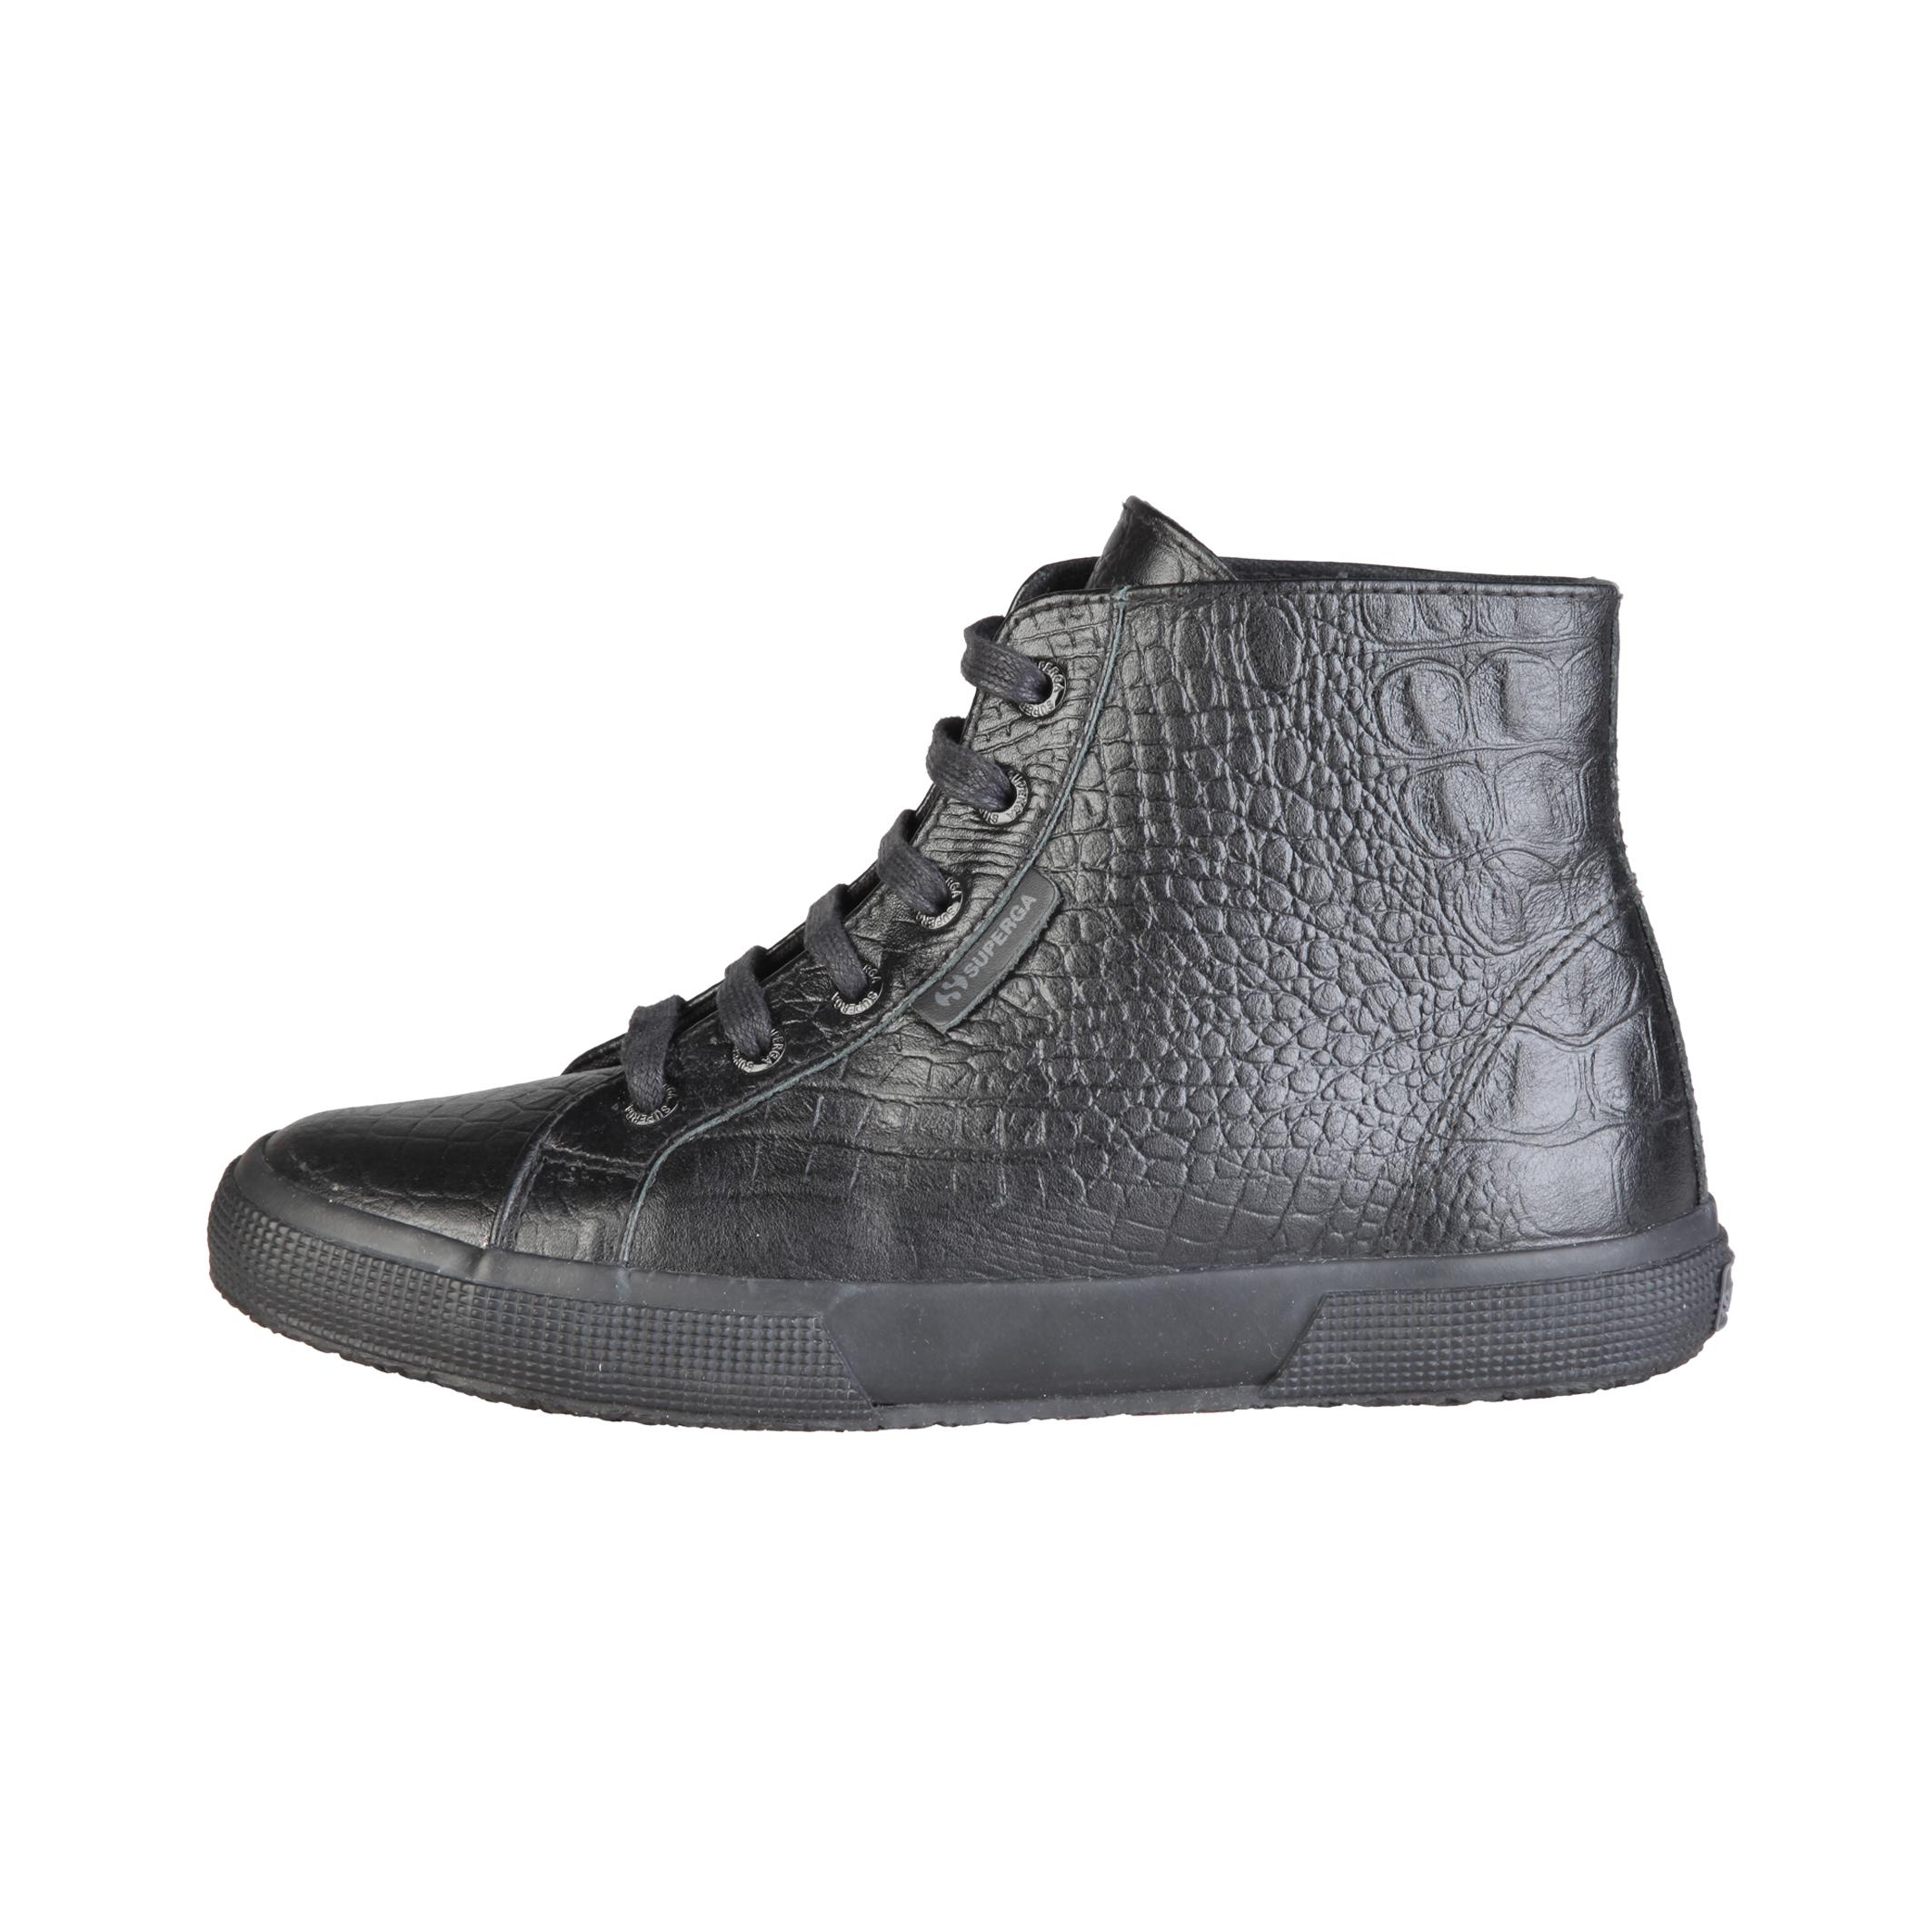 Chaussures   Superga S008HM0_2095 black